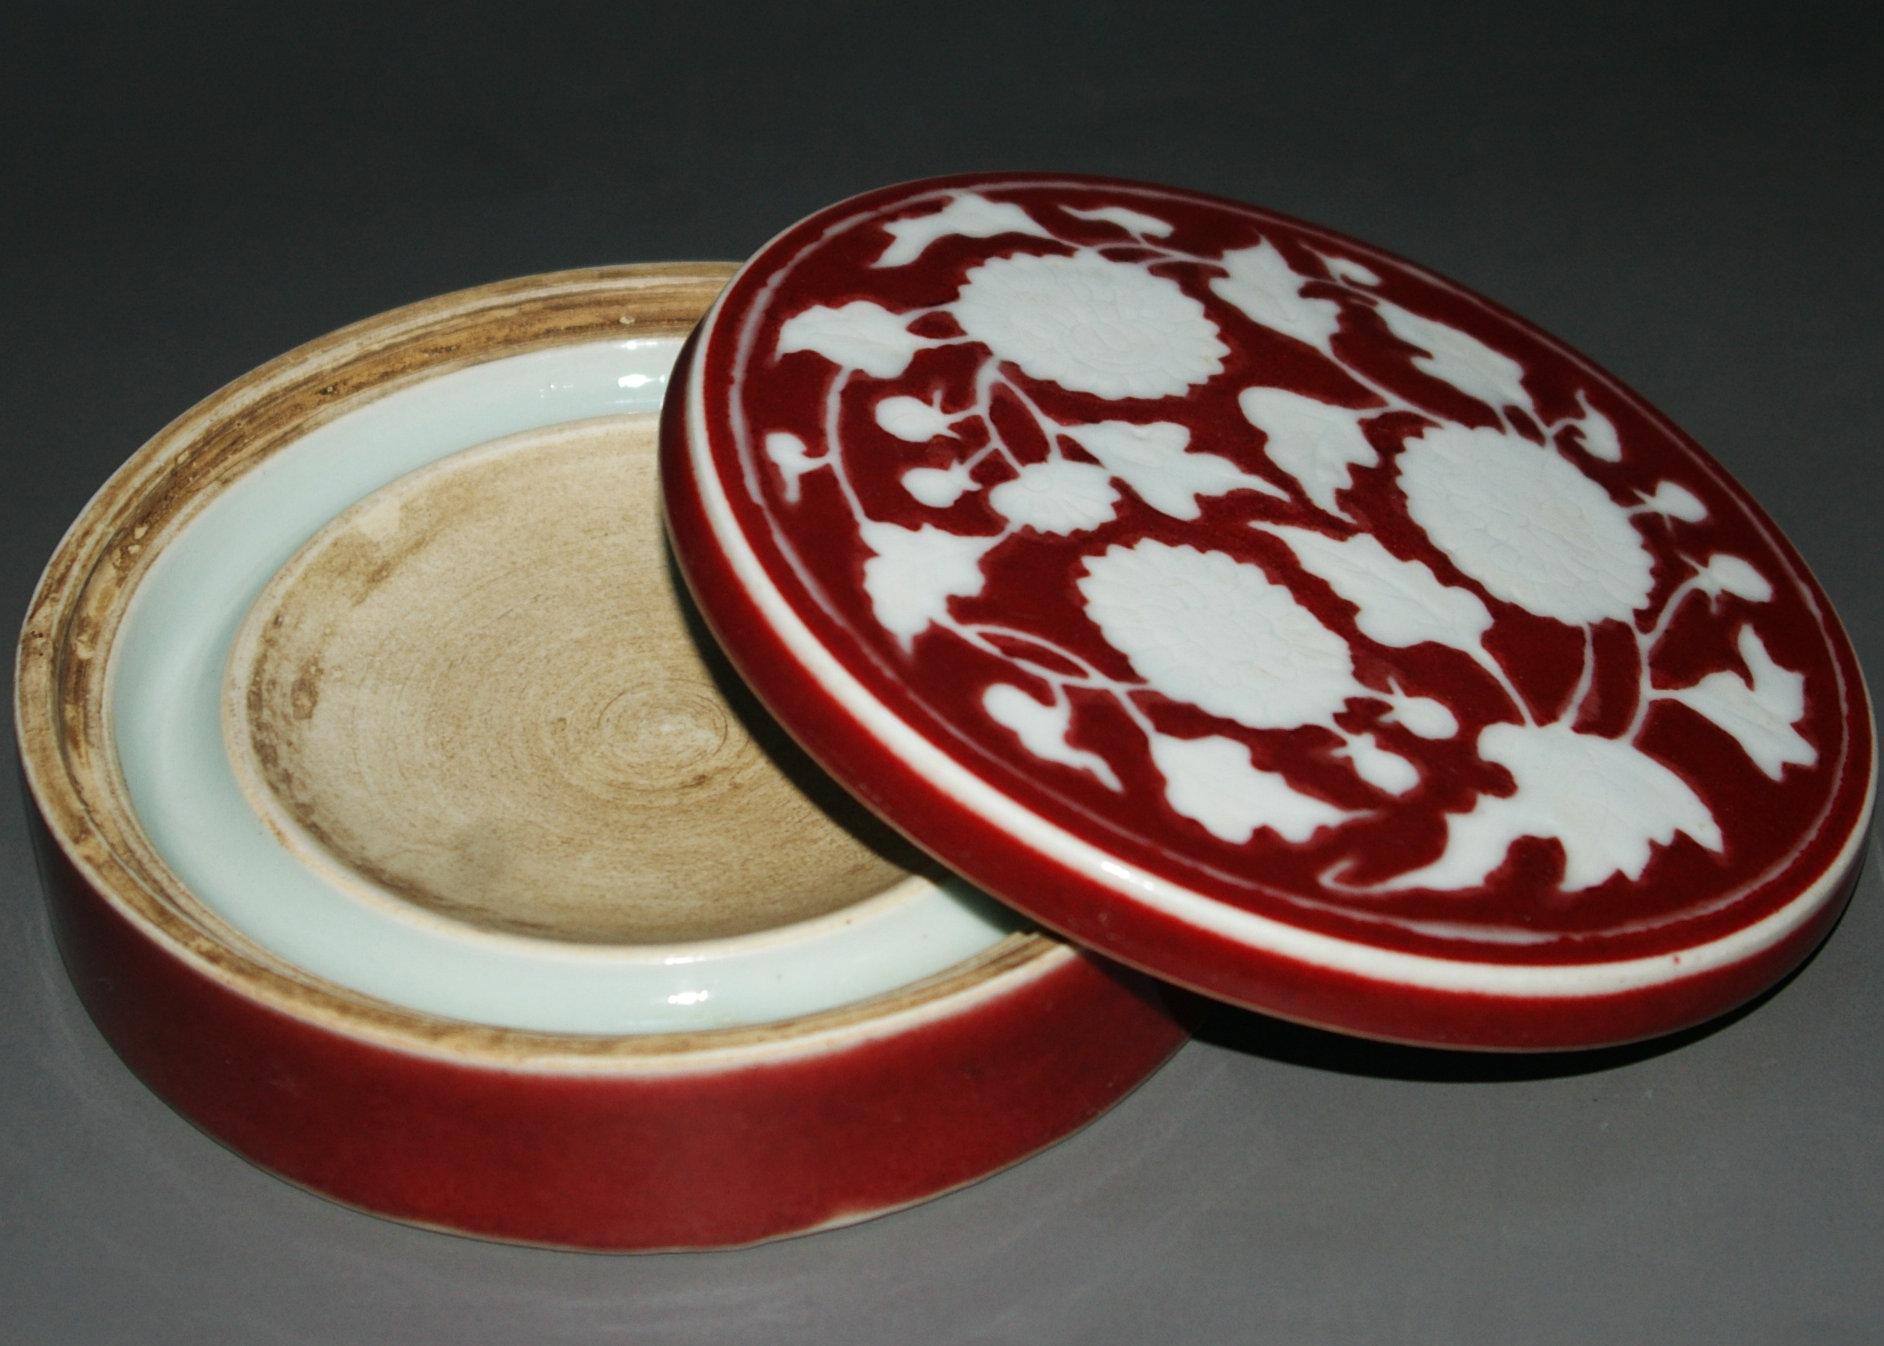 釉里红缠枝莲纹砚台,釉里红缠枝莲纹砚台底